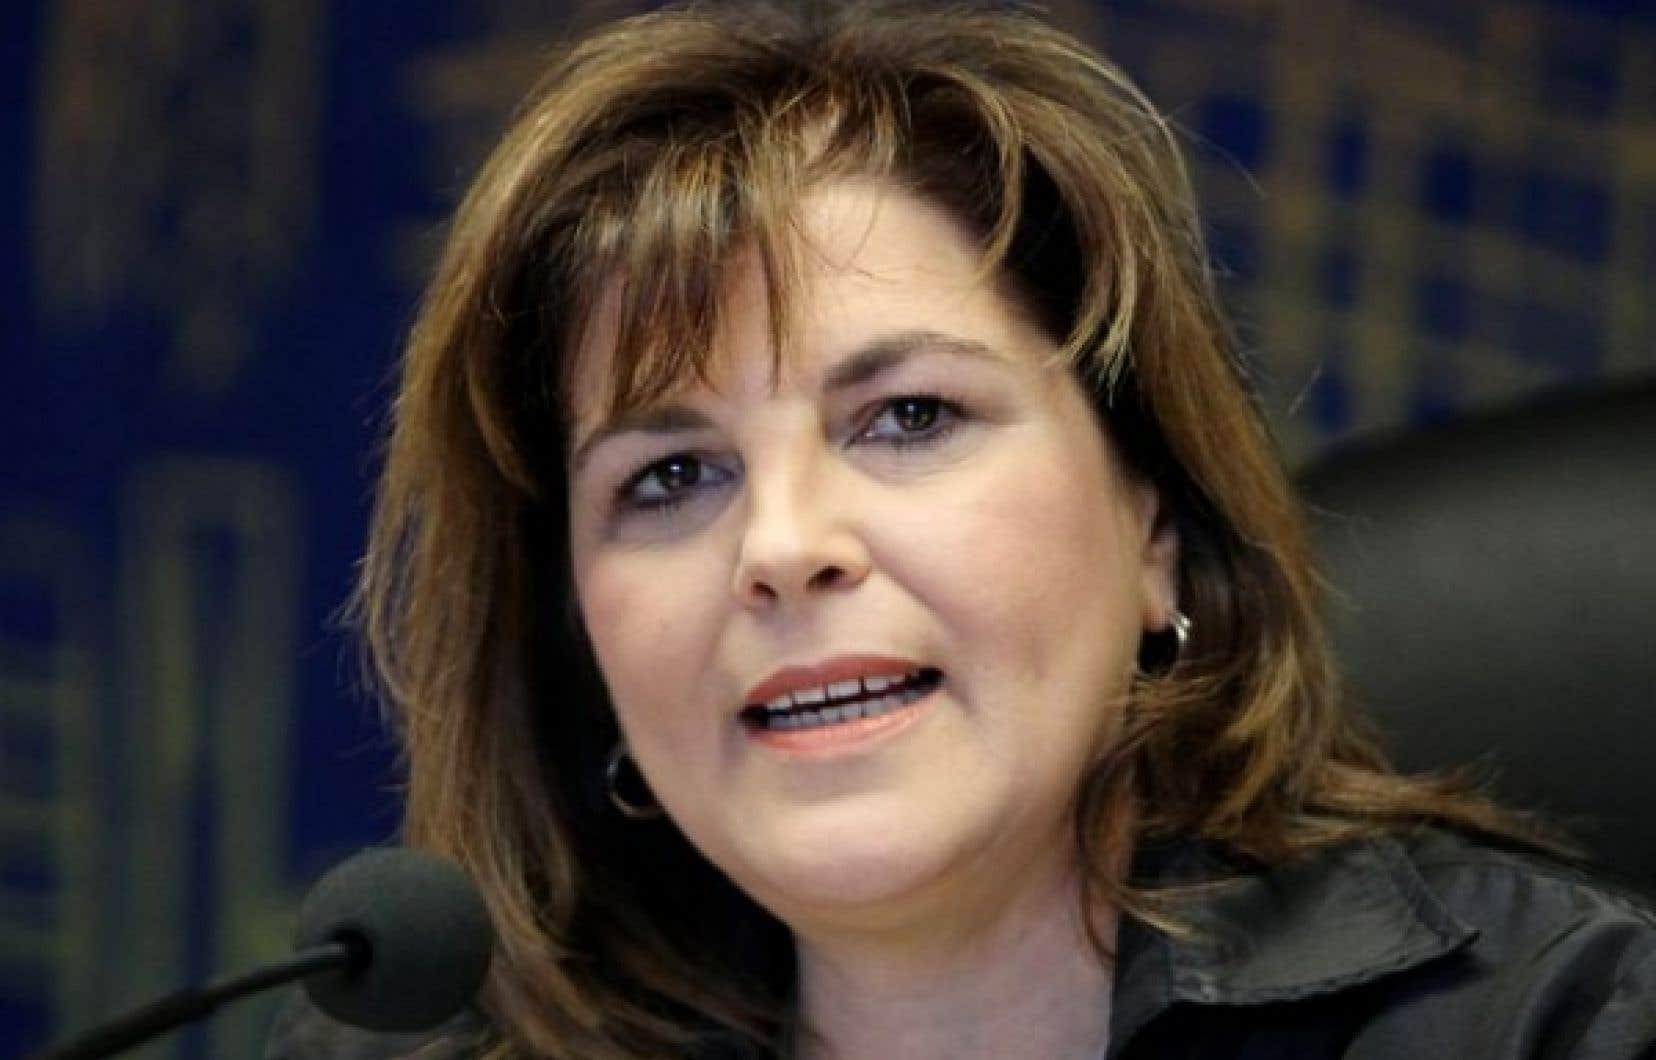 Diane Lemieux, qui a été directrice du cabinet du maire de Montréal Gérald Tremblay entre novembre 2009 et décembre 2010 dit ne jamais avoir été témoin d'actes de collusion ou de corruption dans le domaine de la construction.